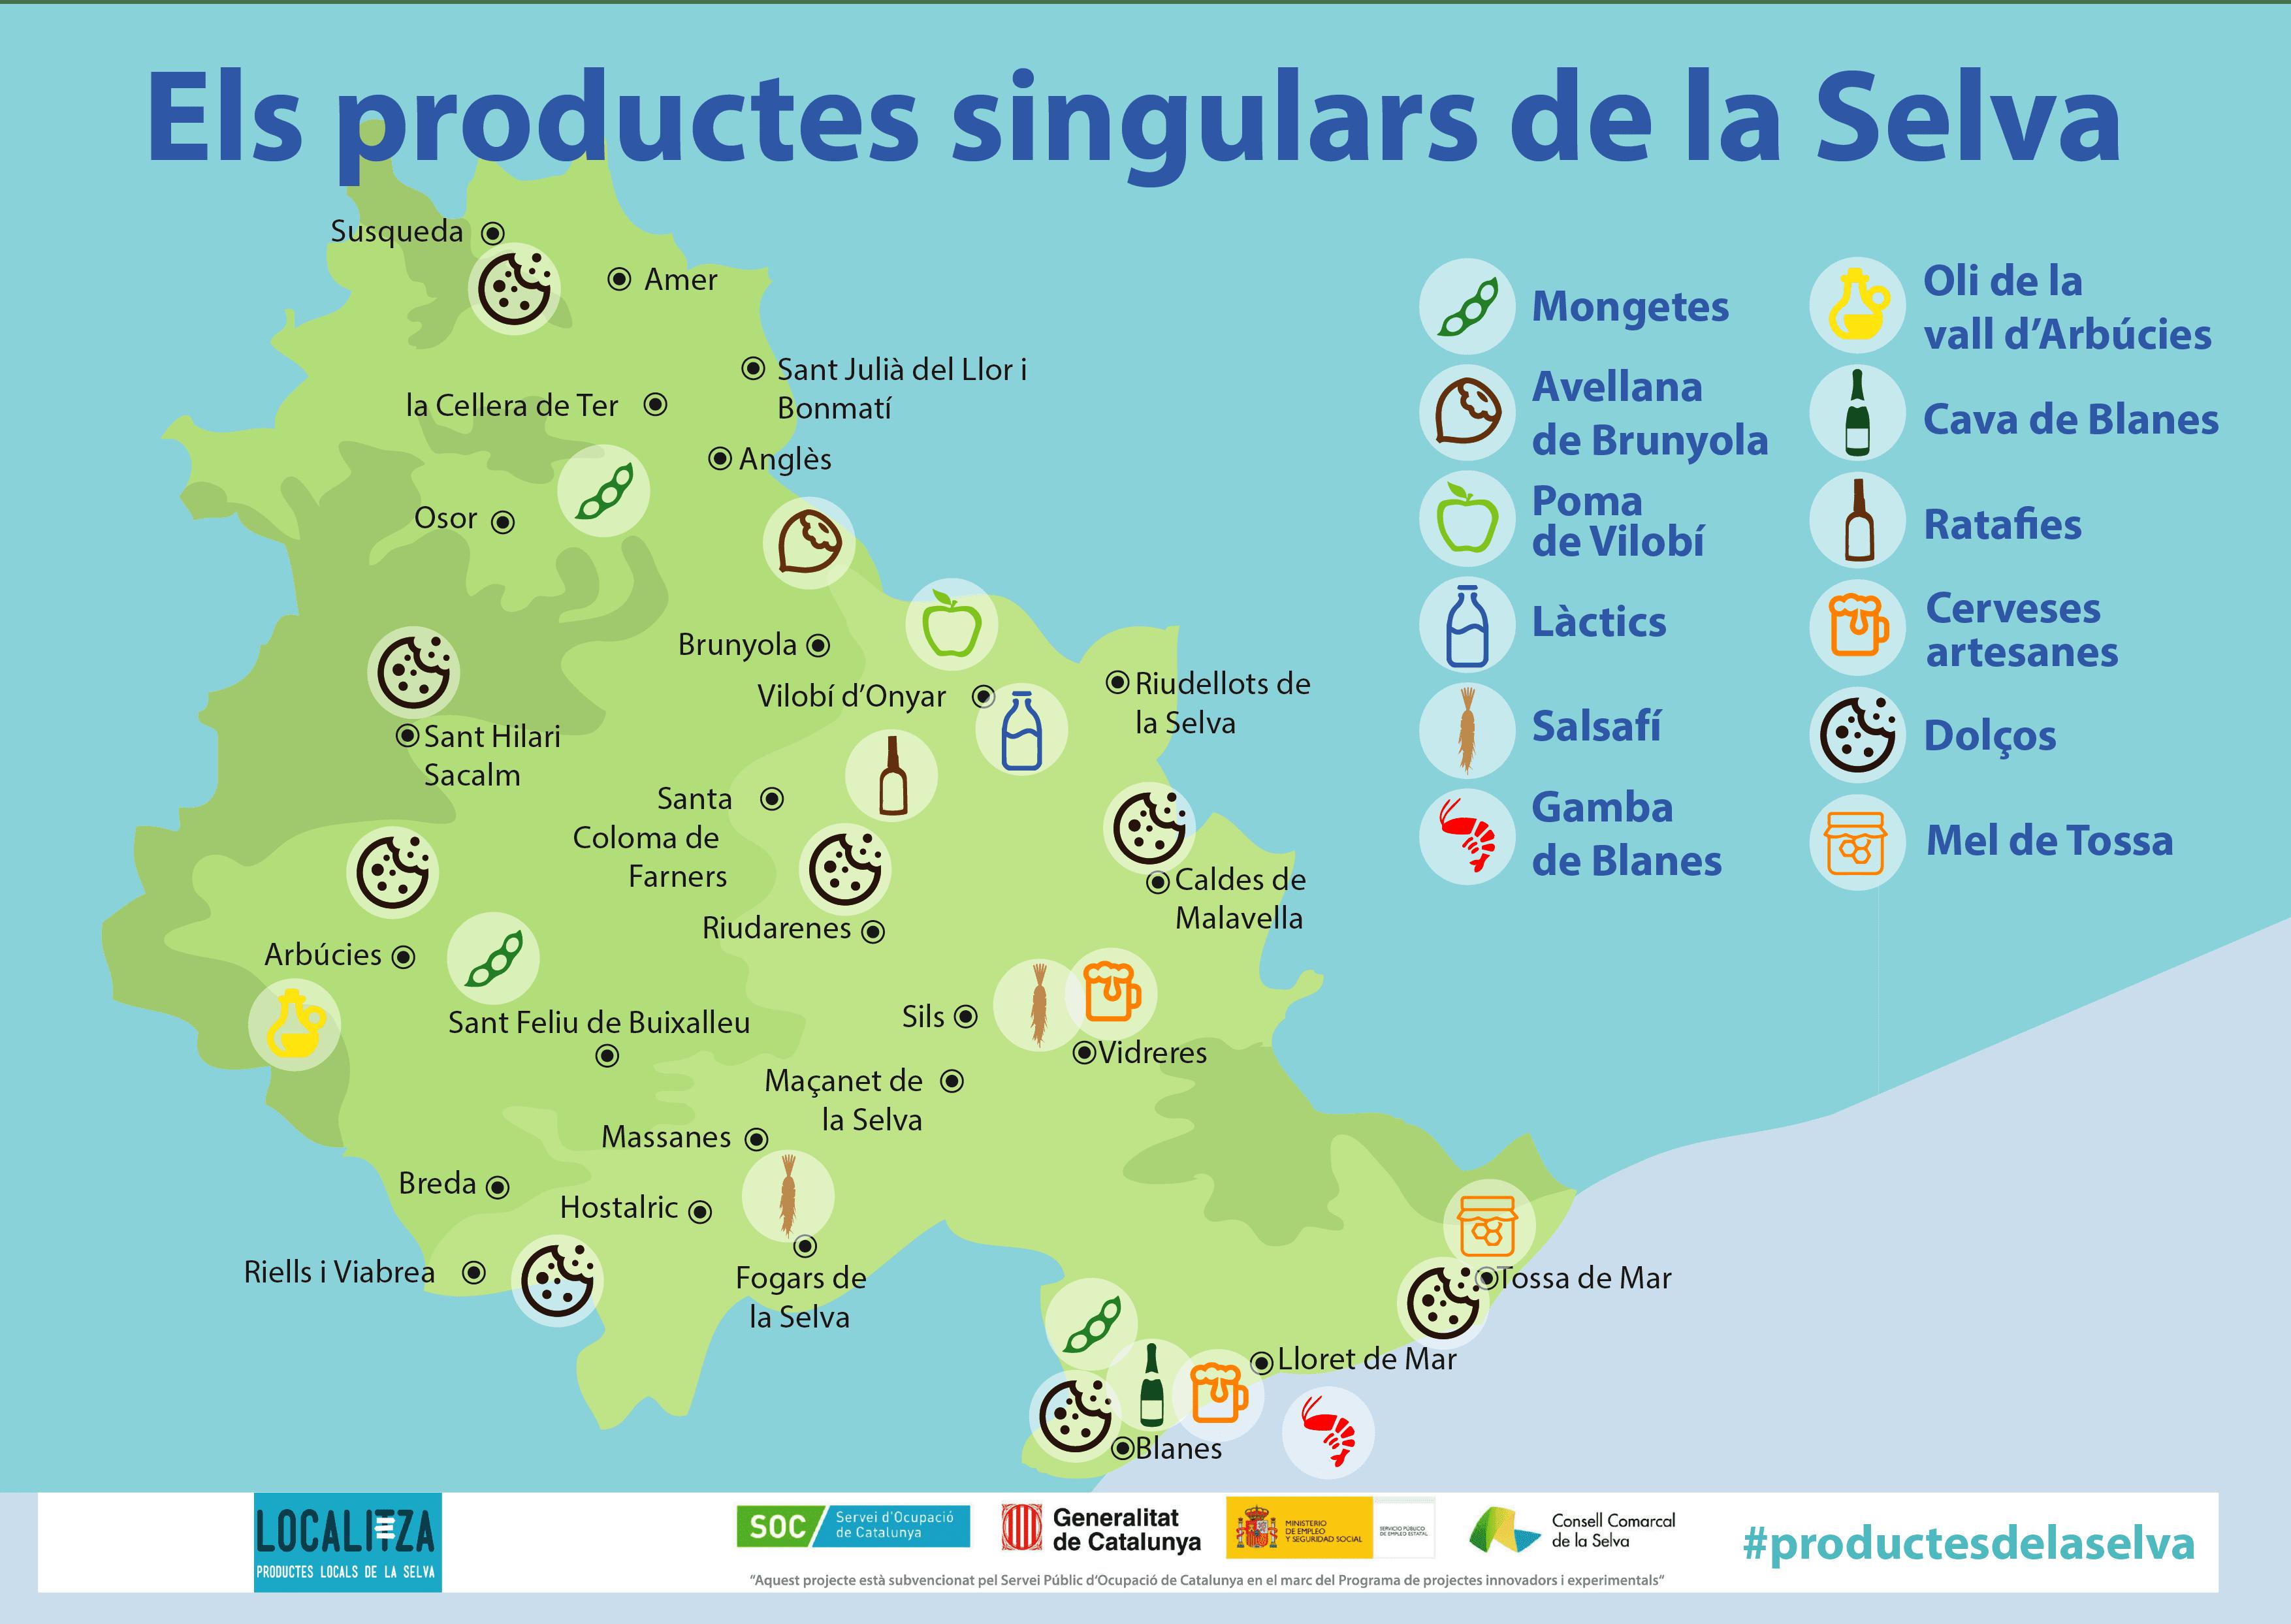 Coneixes Els Productes Singulars De La Selva?